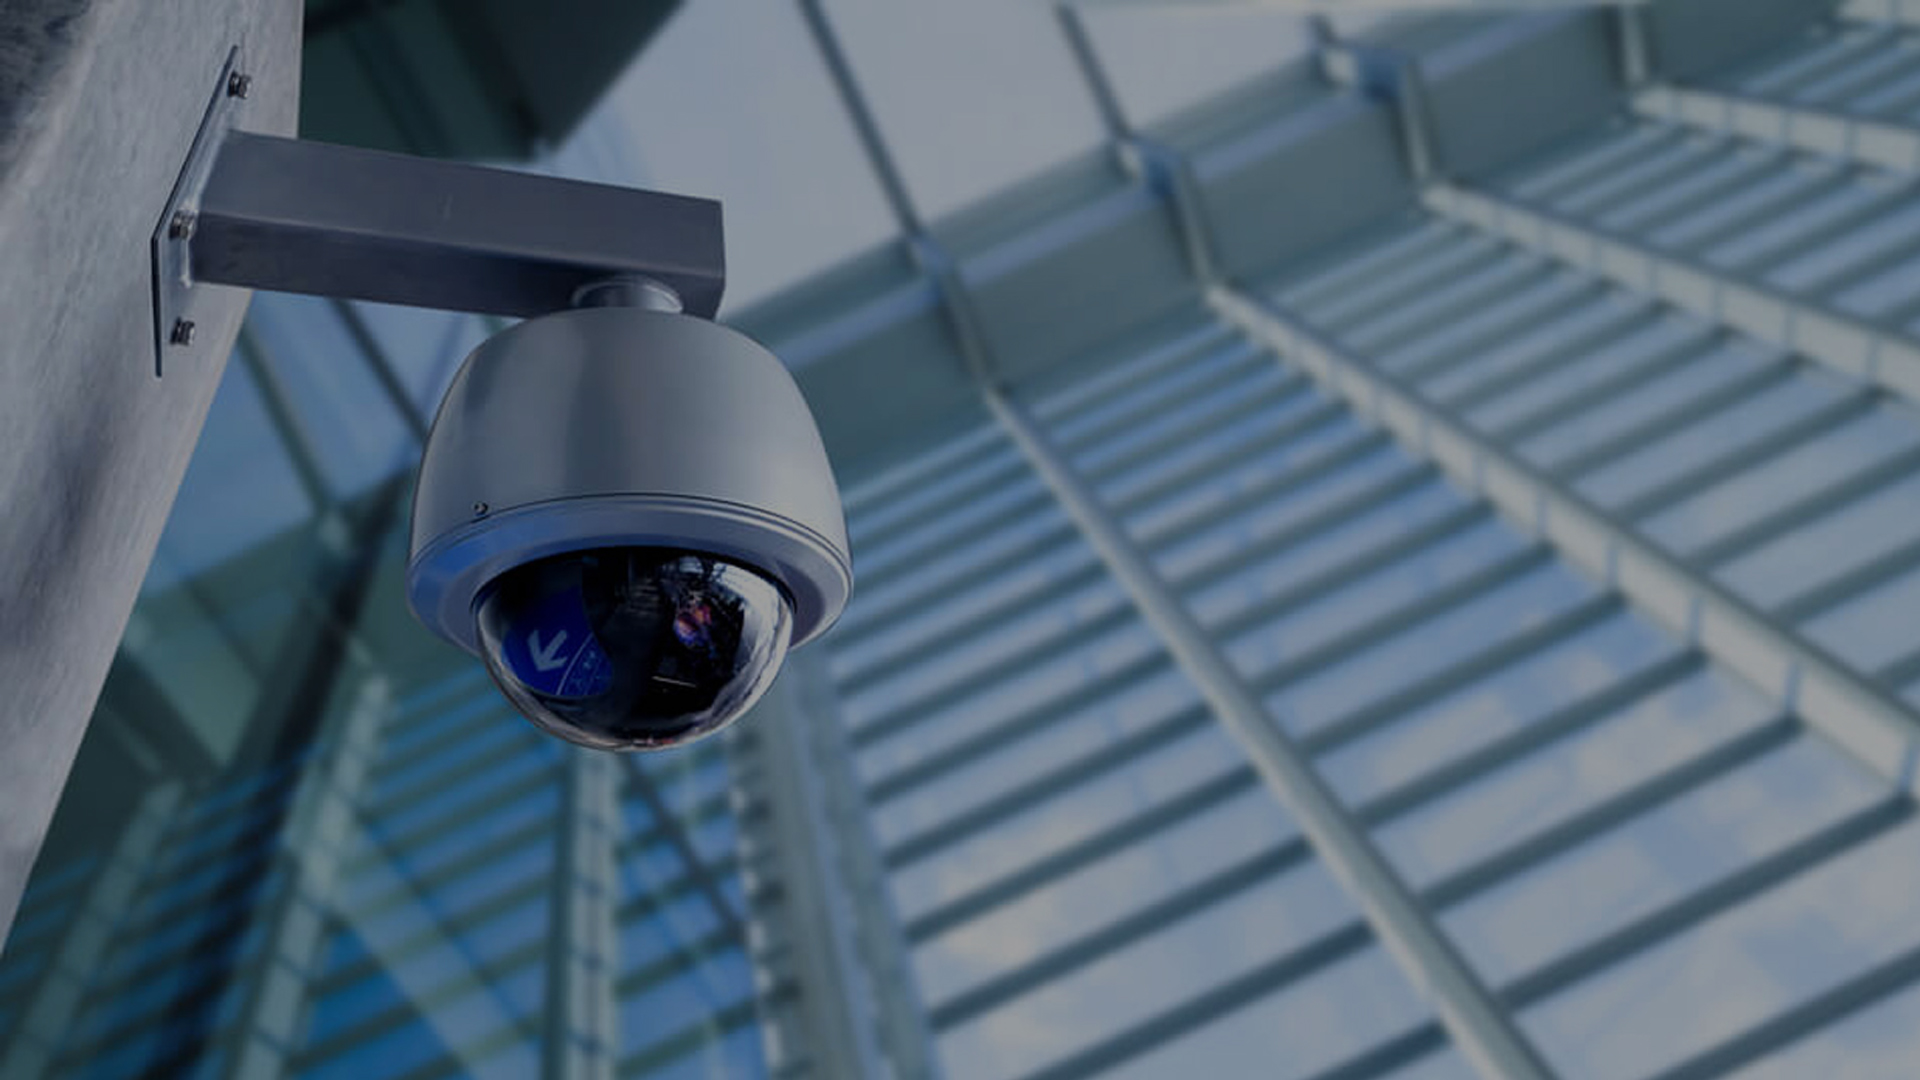 We Bring Security  CCTV & Surveillance